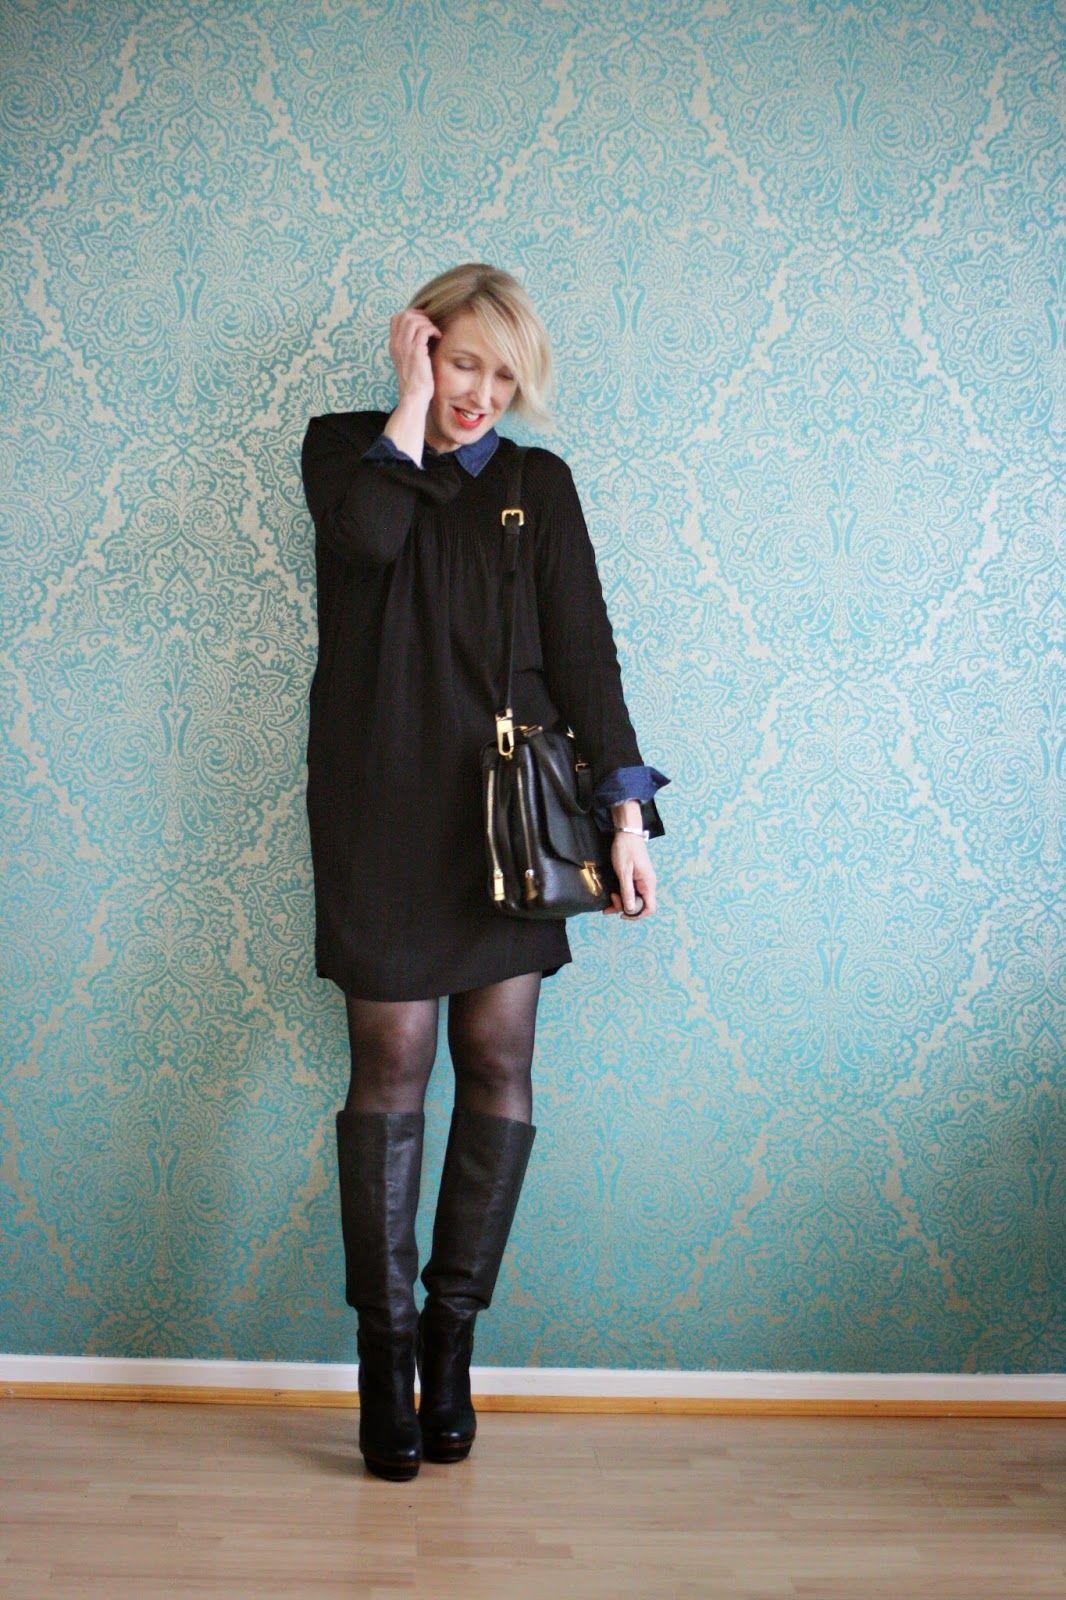 kurzes kleid mit hohen stiefeln kombiniert - glam up your